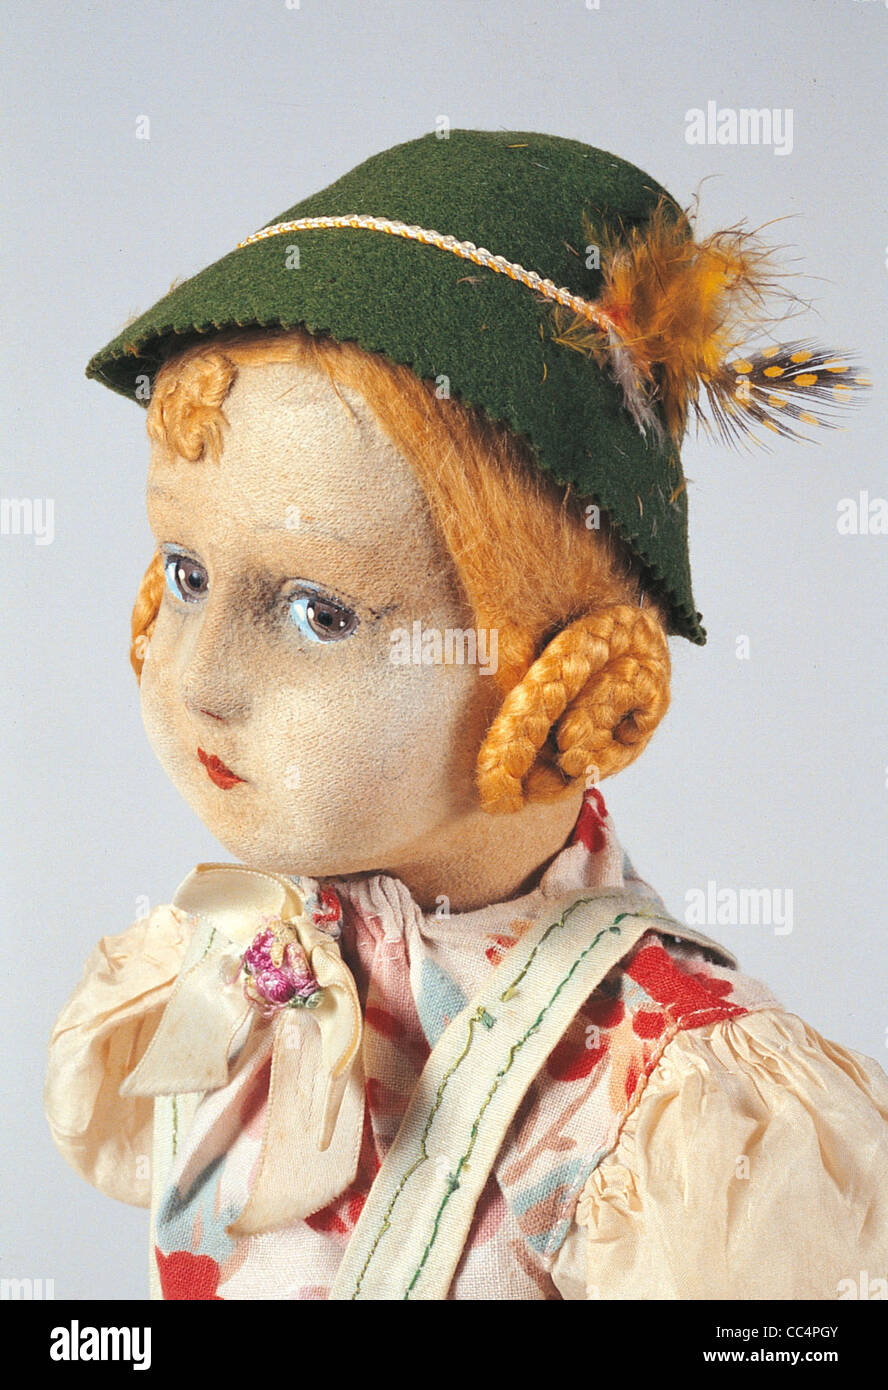 La collecte de jouets du xxe siècle. Poupée que ski alpin. Années 30/40. Hauteur 50cm. Particulier Banque D'Images